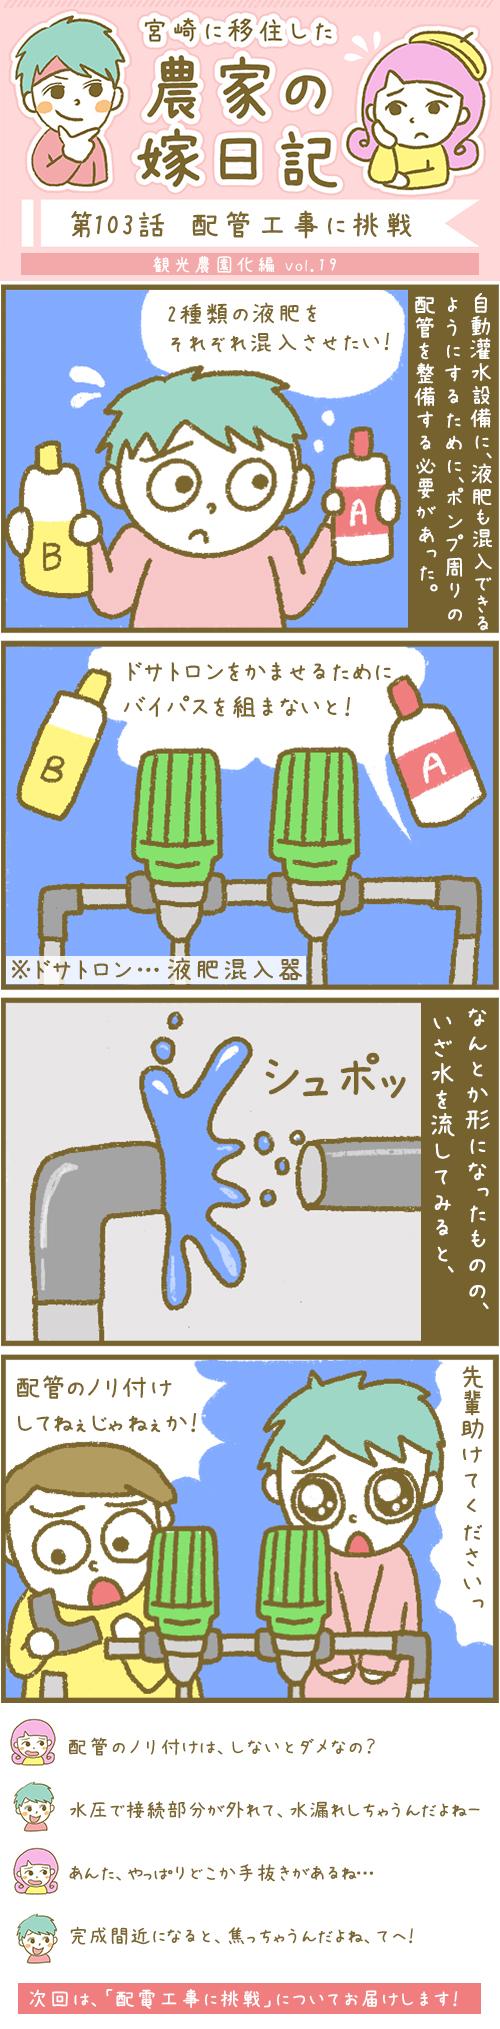 漫画第103話